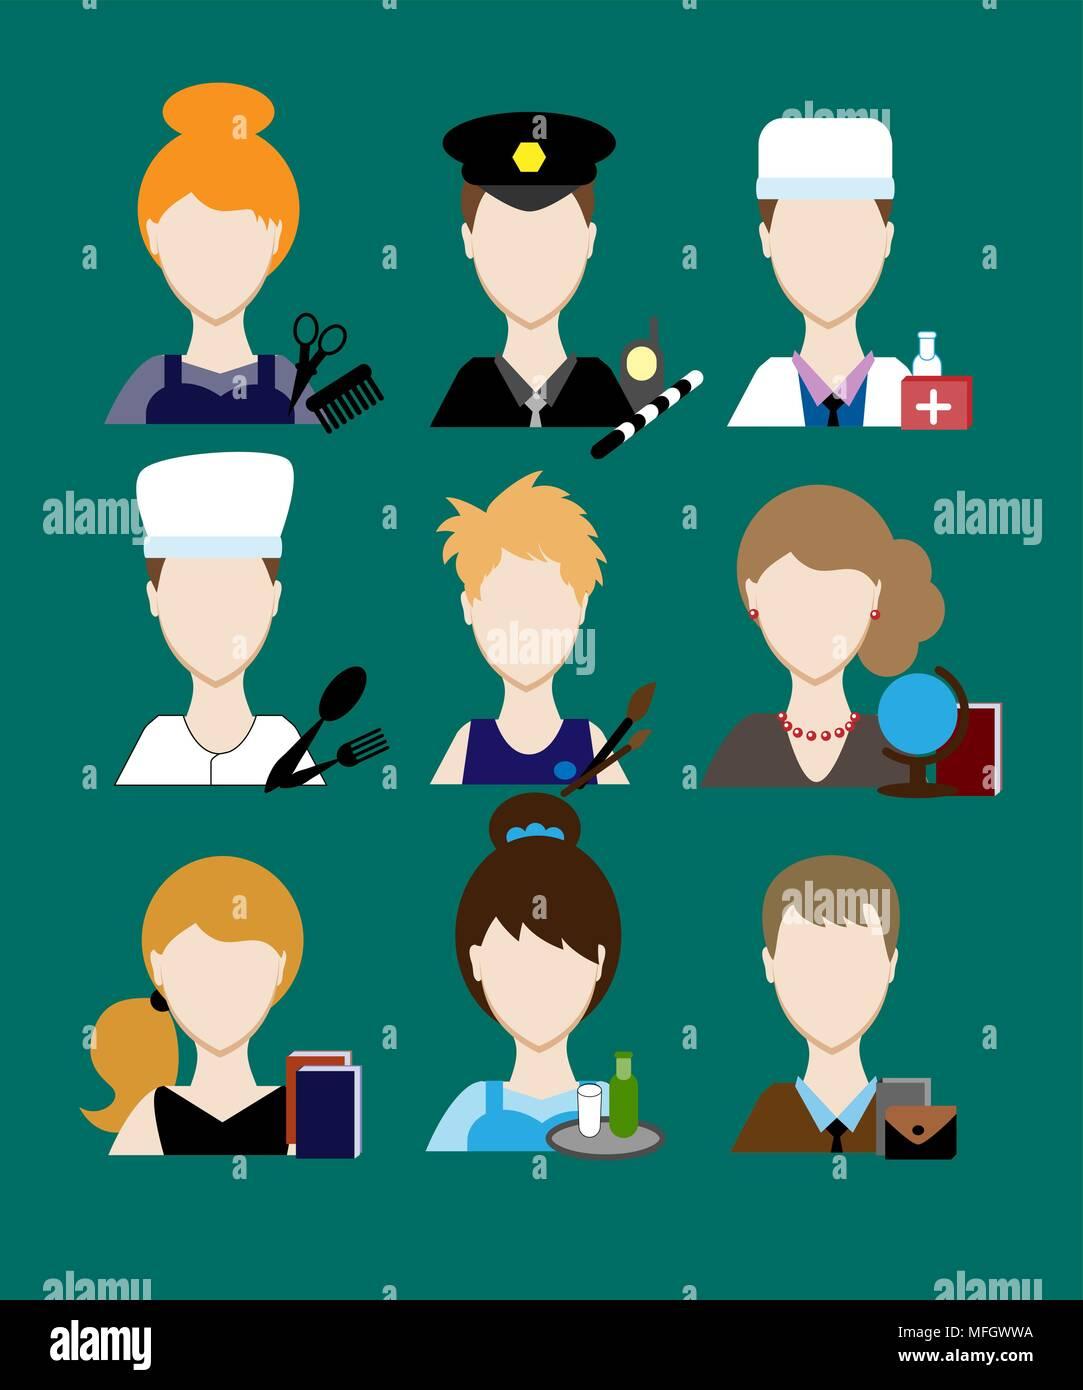 Avatars profession people cop doctor, cook, hairdresser, an artist, teacher, waiter, a businessman, secretary. Face men uniform. Avatars in flat desig - Stock Vector